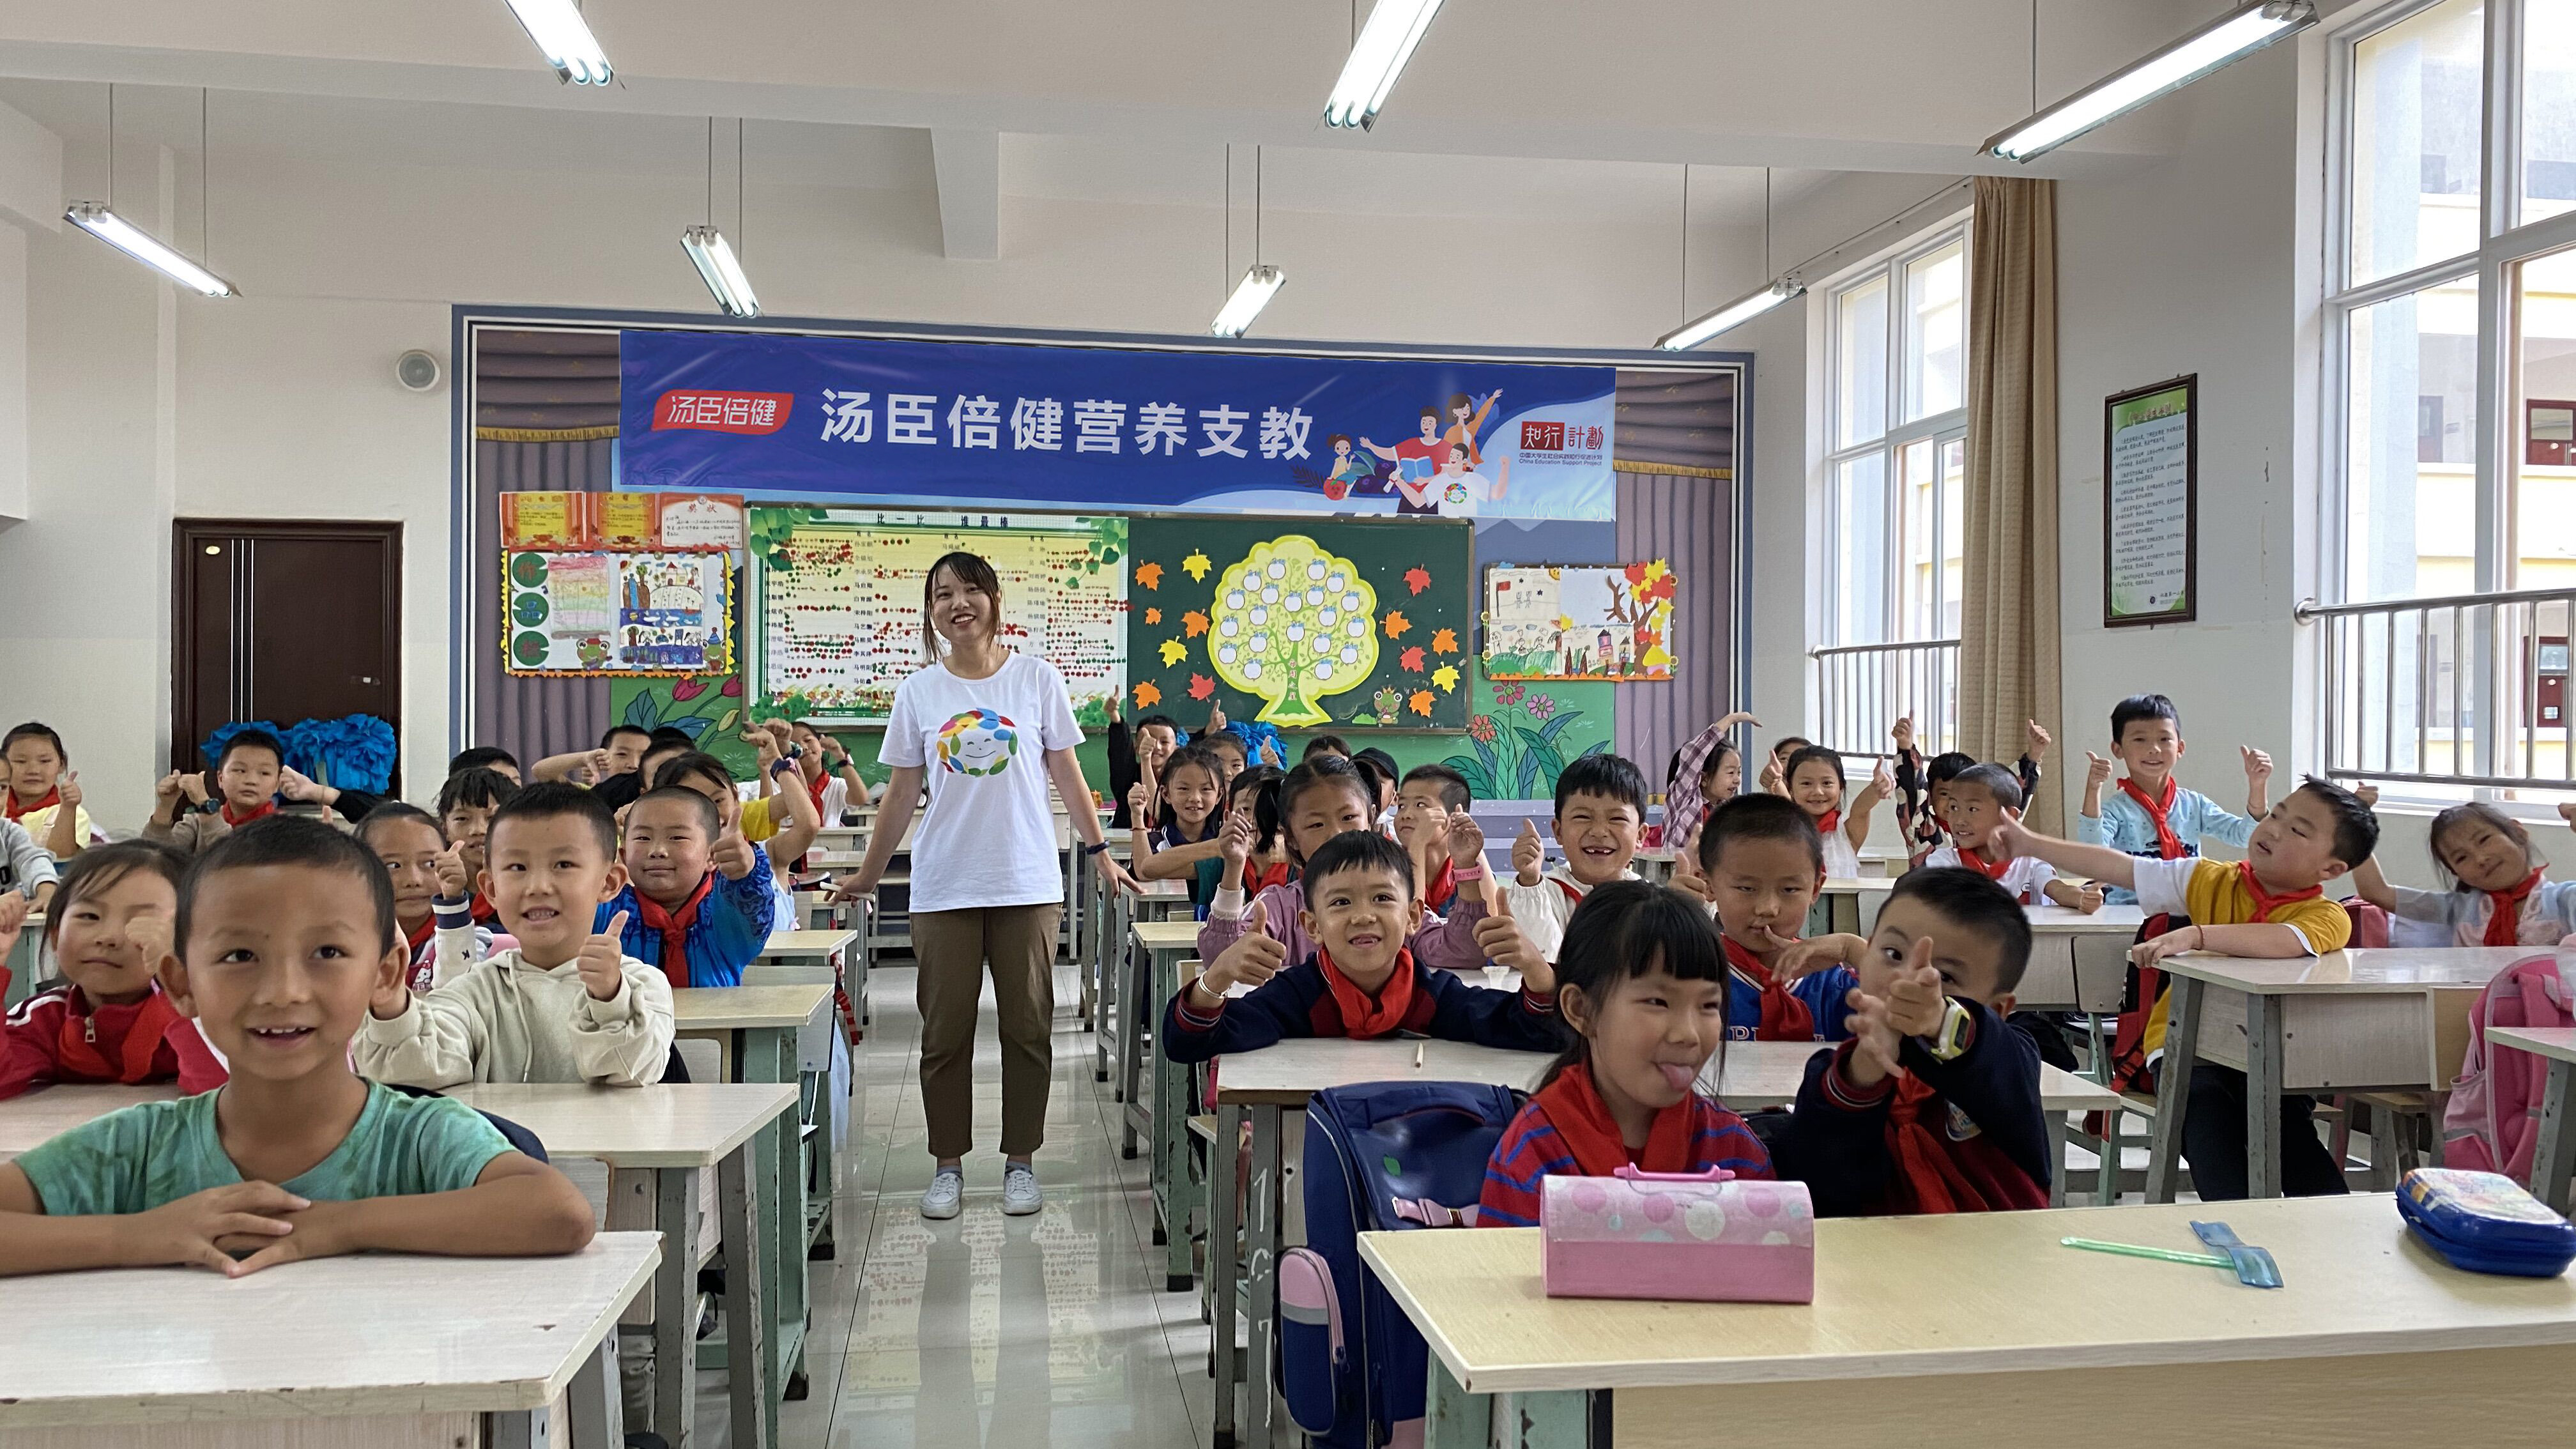 汤臣倍健获第四届CSR中国教育奖三项殊荣